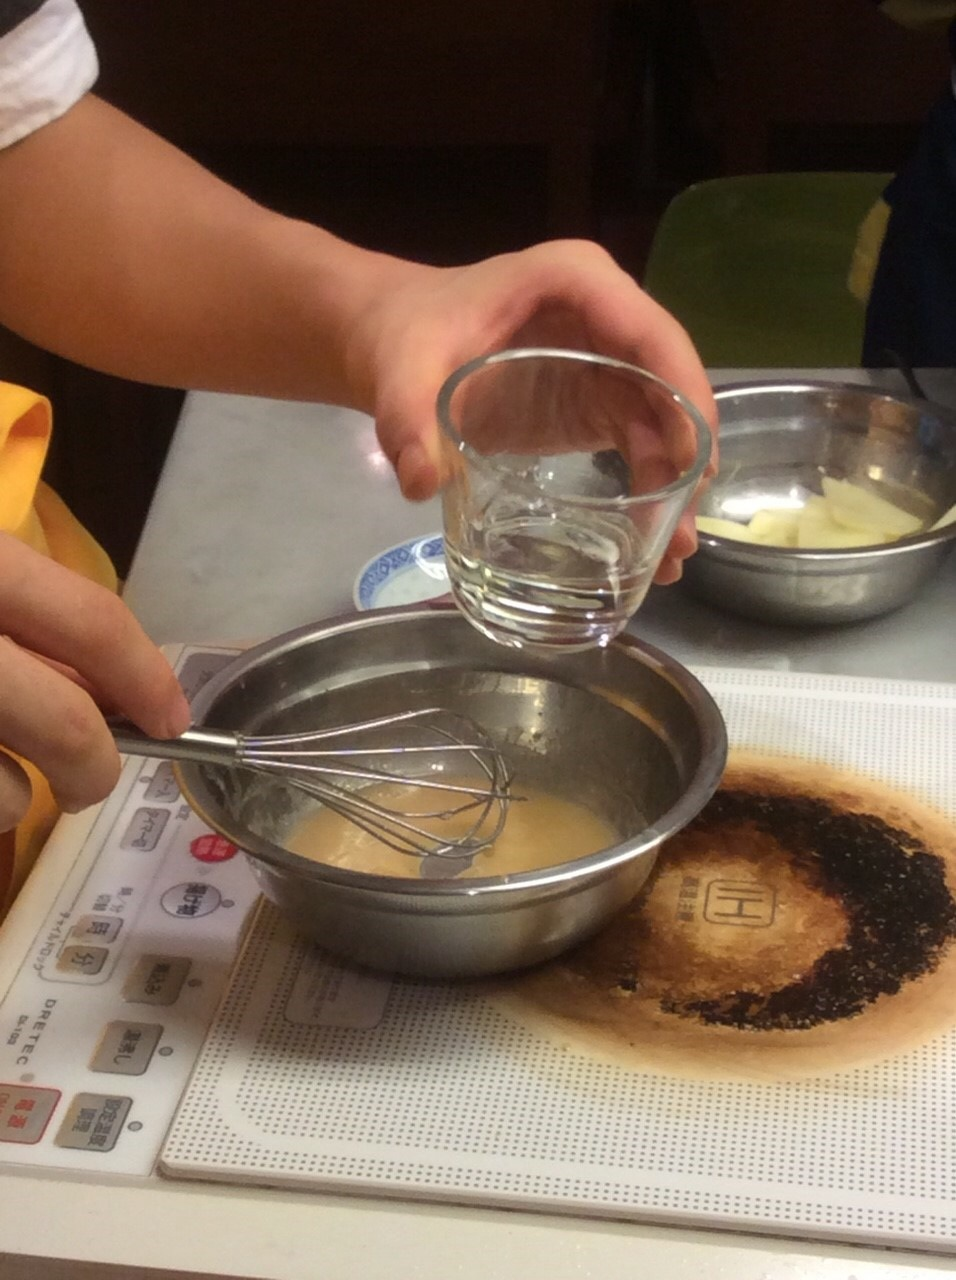 ハッピークッキング・・・フランス料理「鶏肉のグラタン、サラダニソワーズ」_f0141419_08534911.jpg